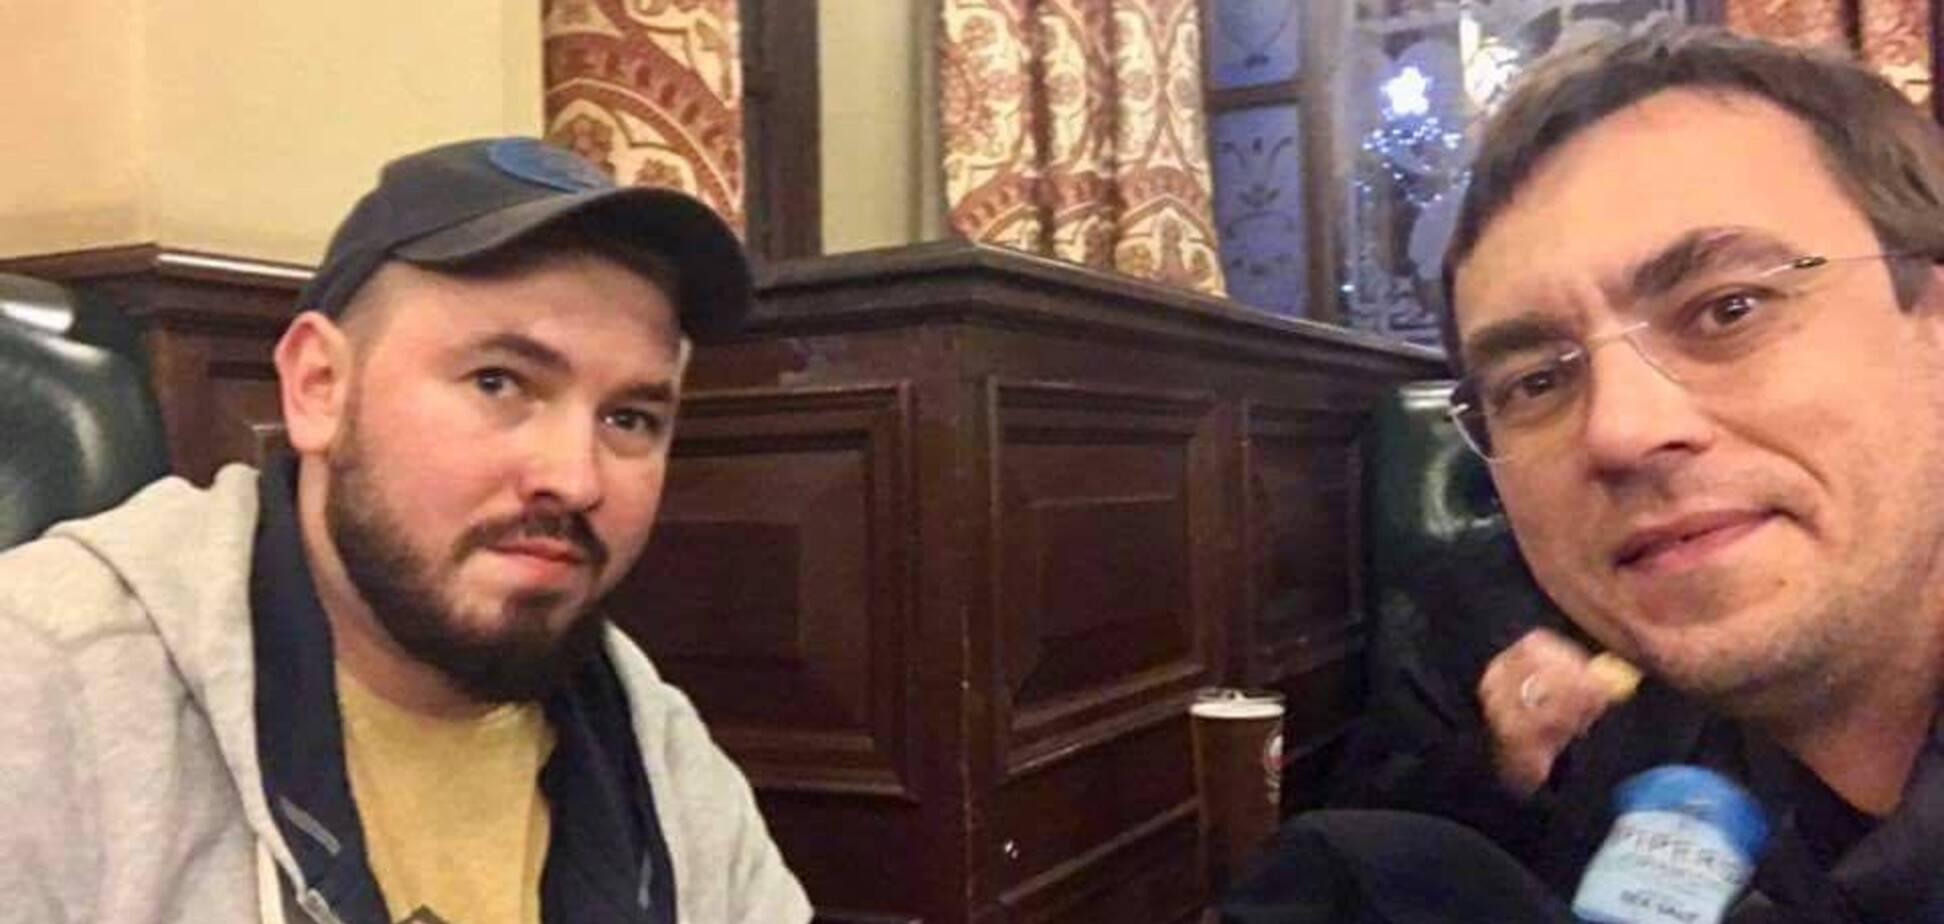 Звинувачення НАБУ Омеляну: Лозовий заявив, що візьме міністра на поруки